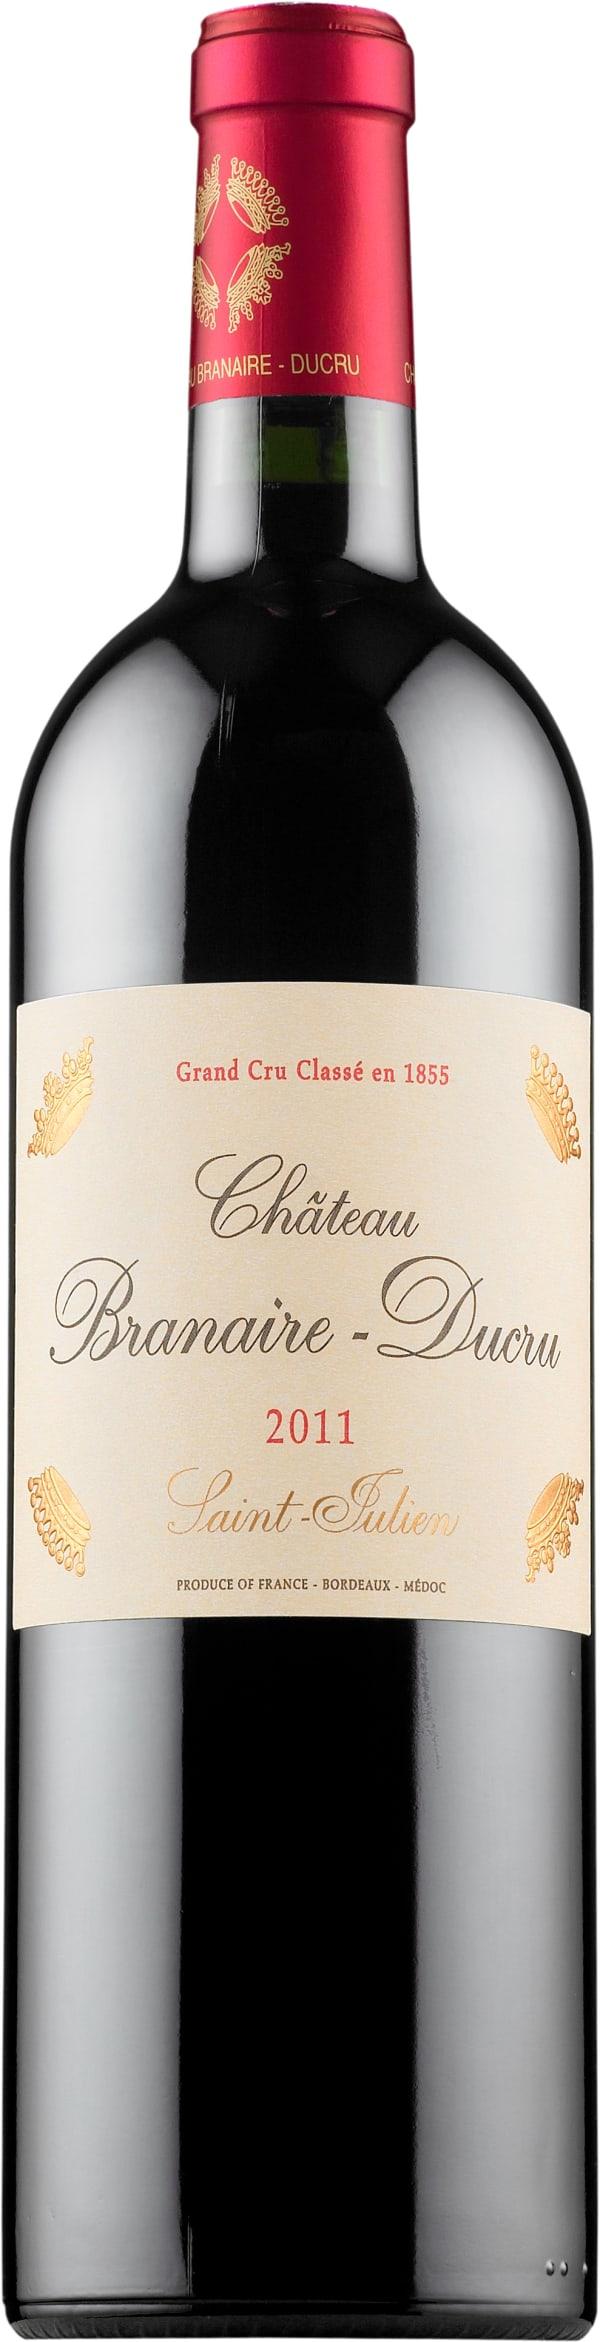 Château Branaire-Ducru 2011